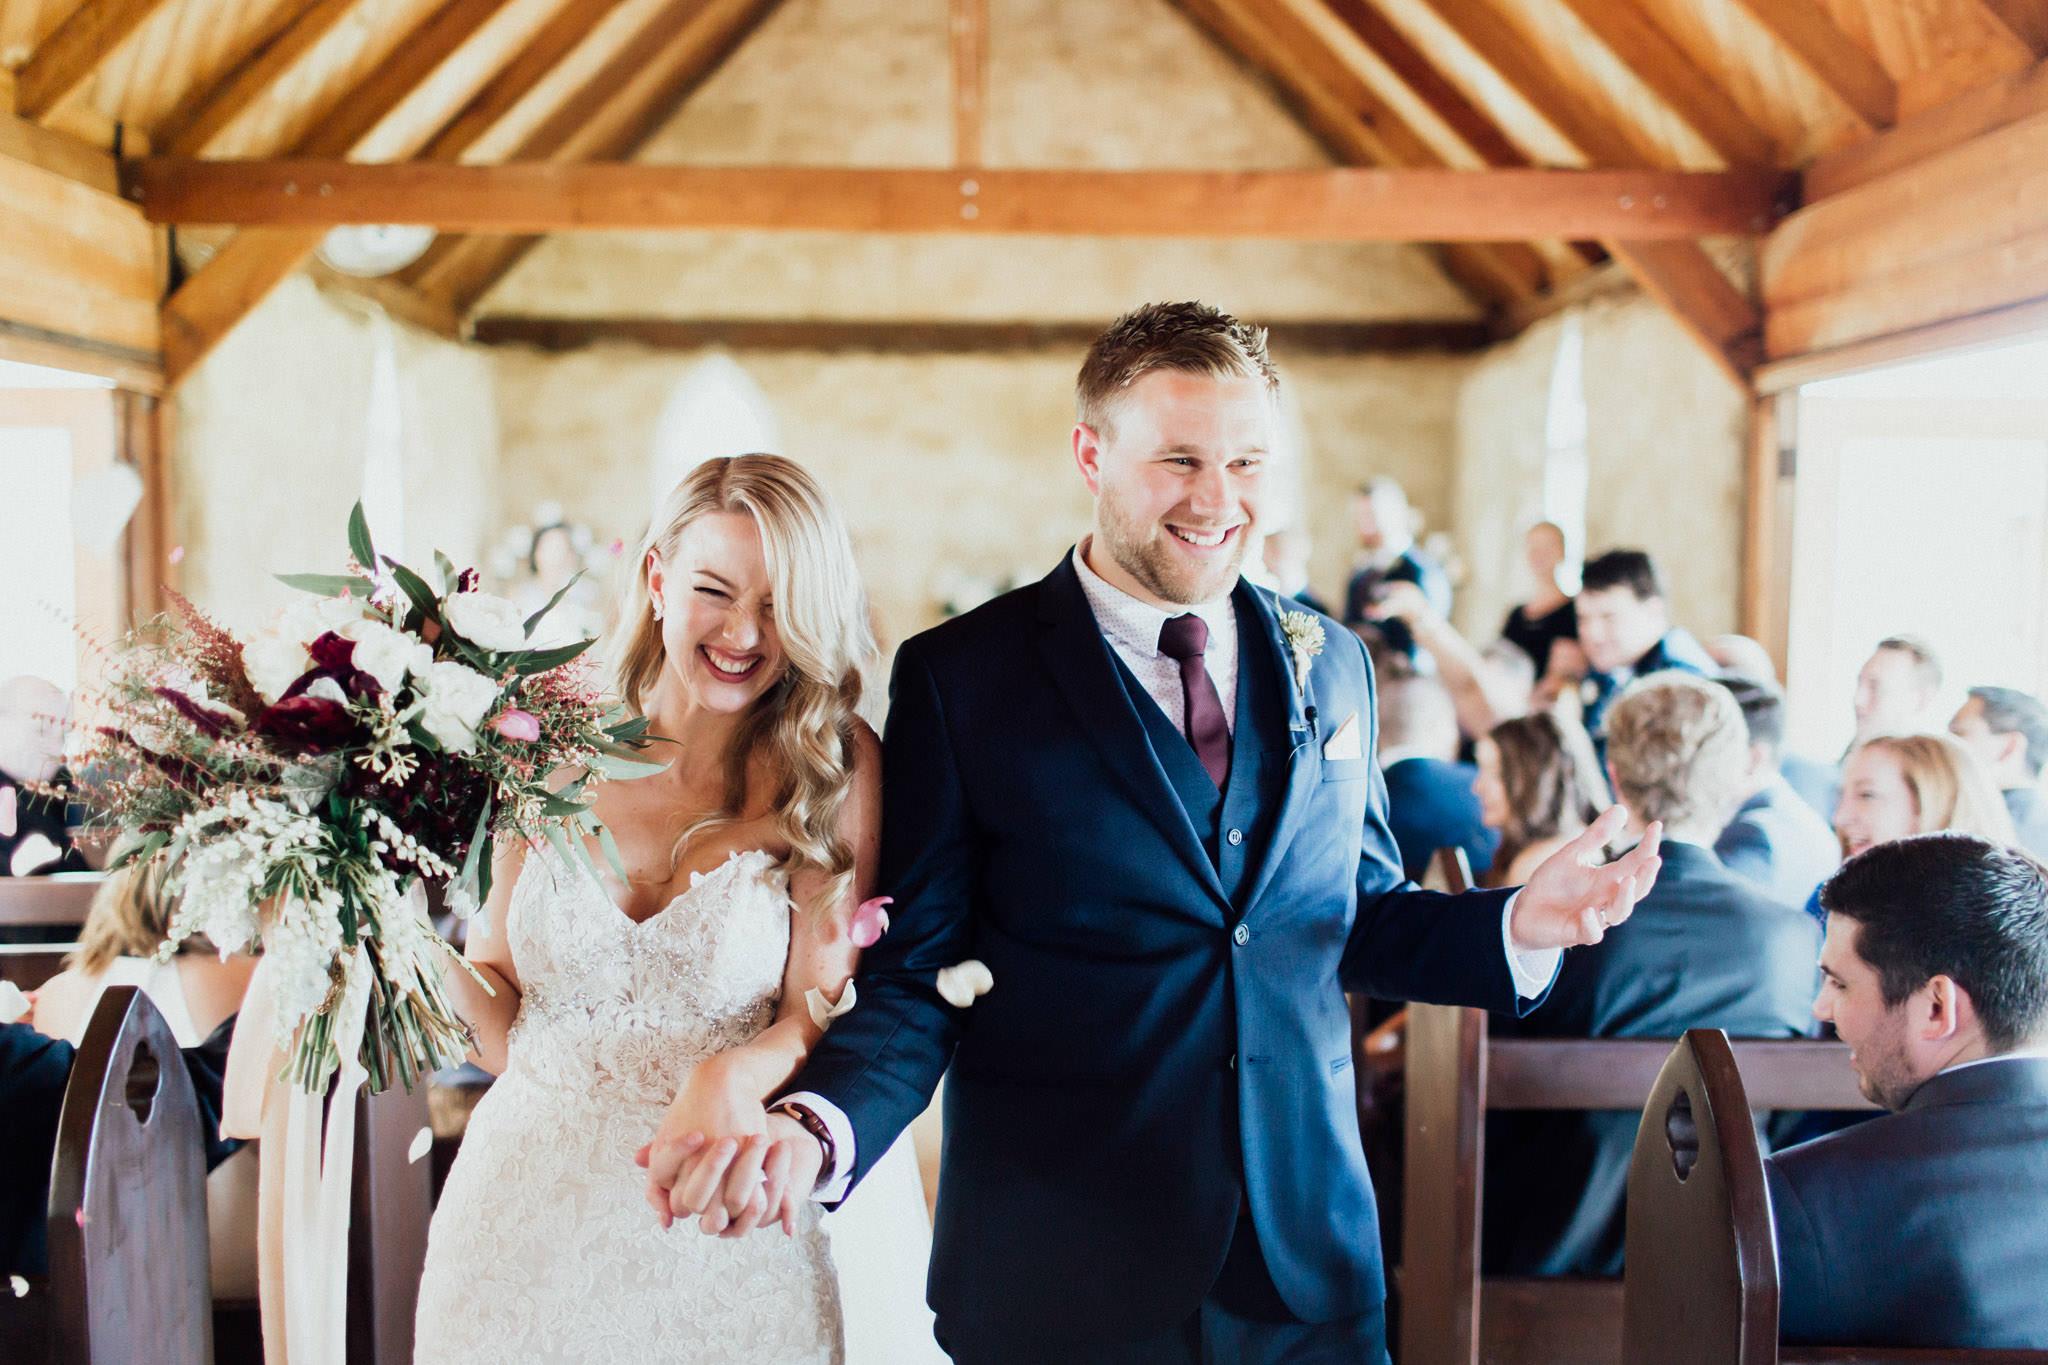 WeddingPhotos_Facebook_2048pixels-1056.jpg